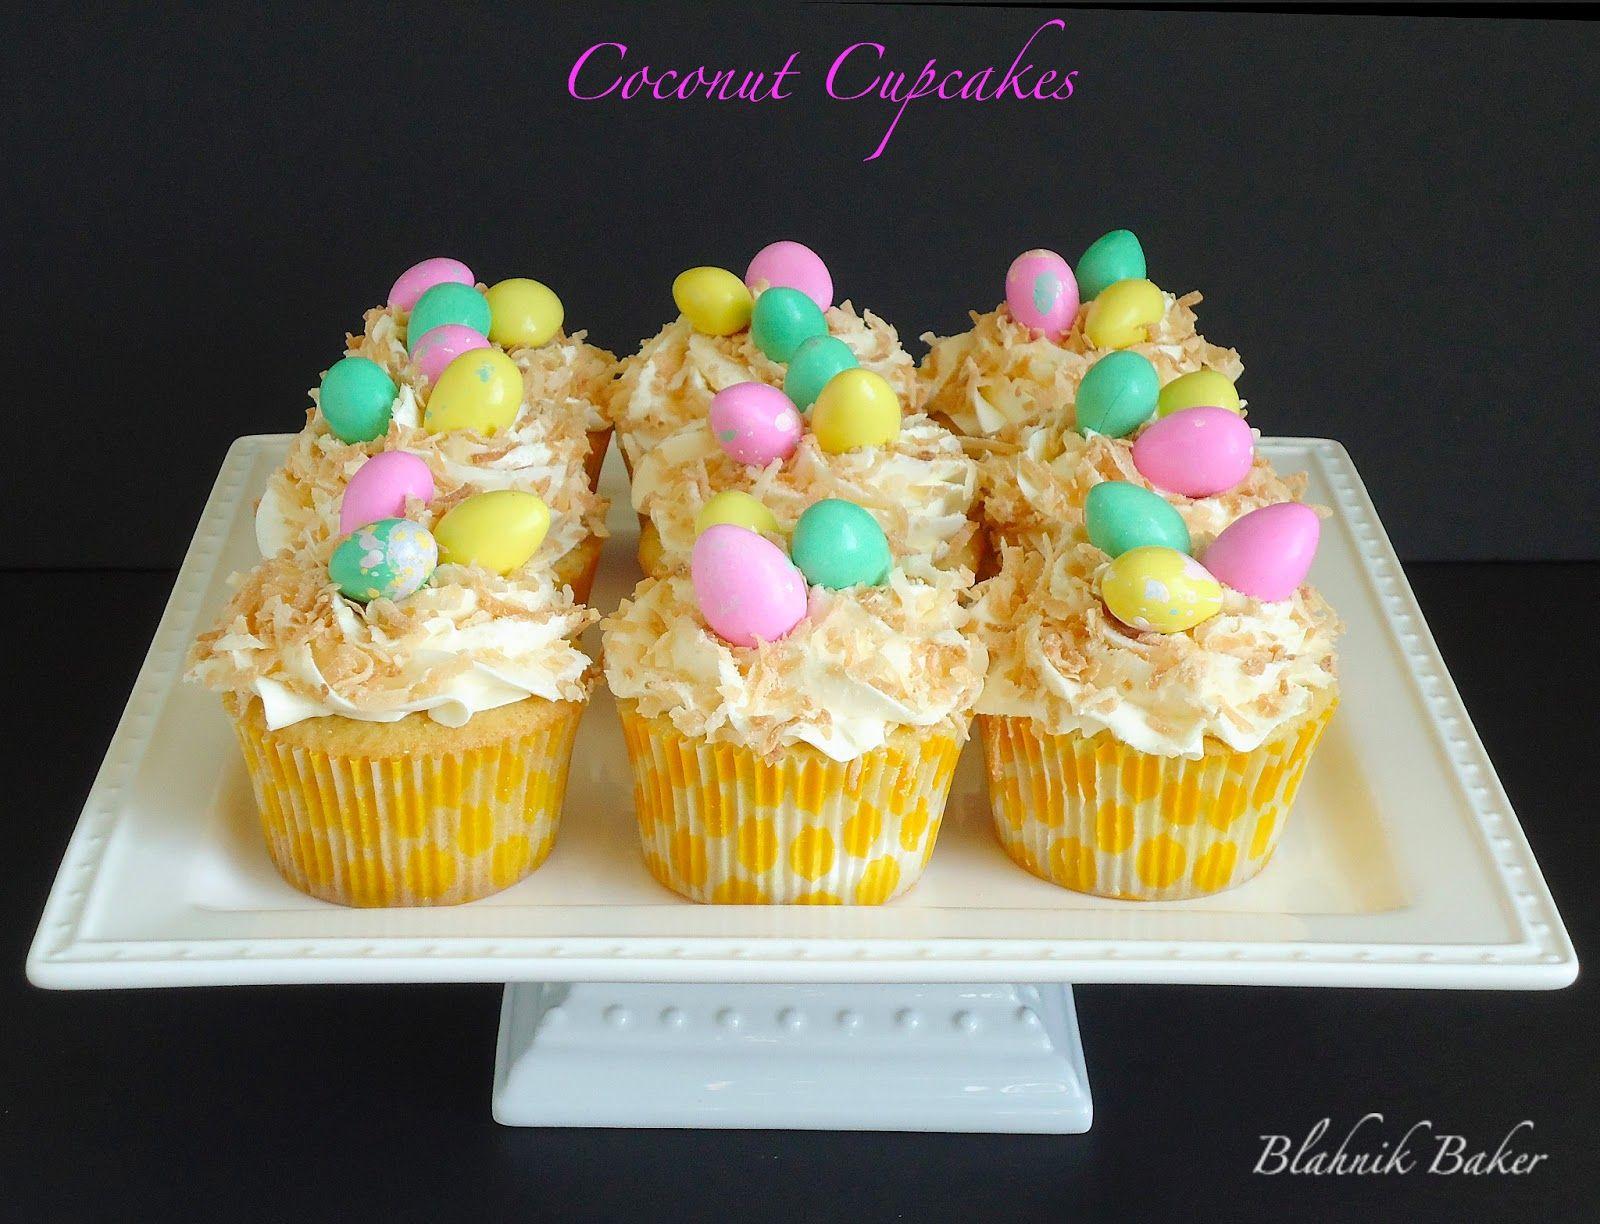 Blahnik Baker: Coconut Cupcakes {Bird Nest Cupcakes}